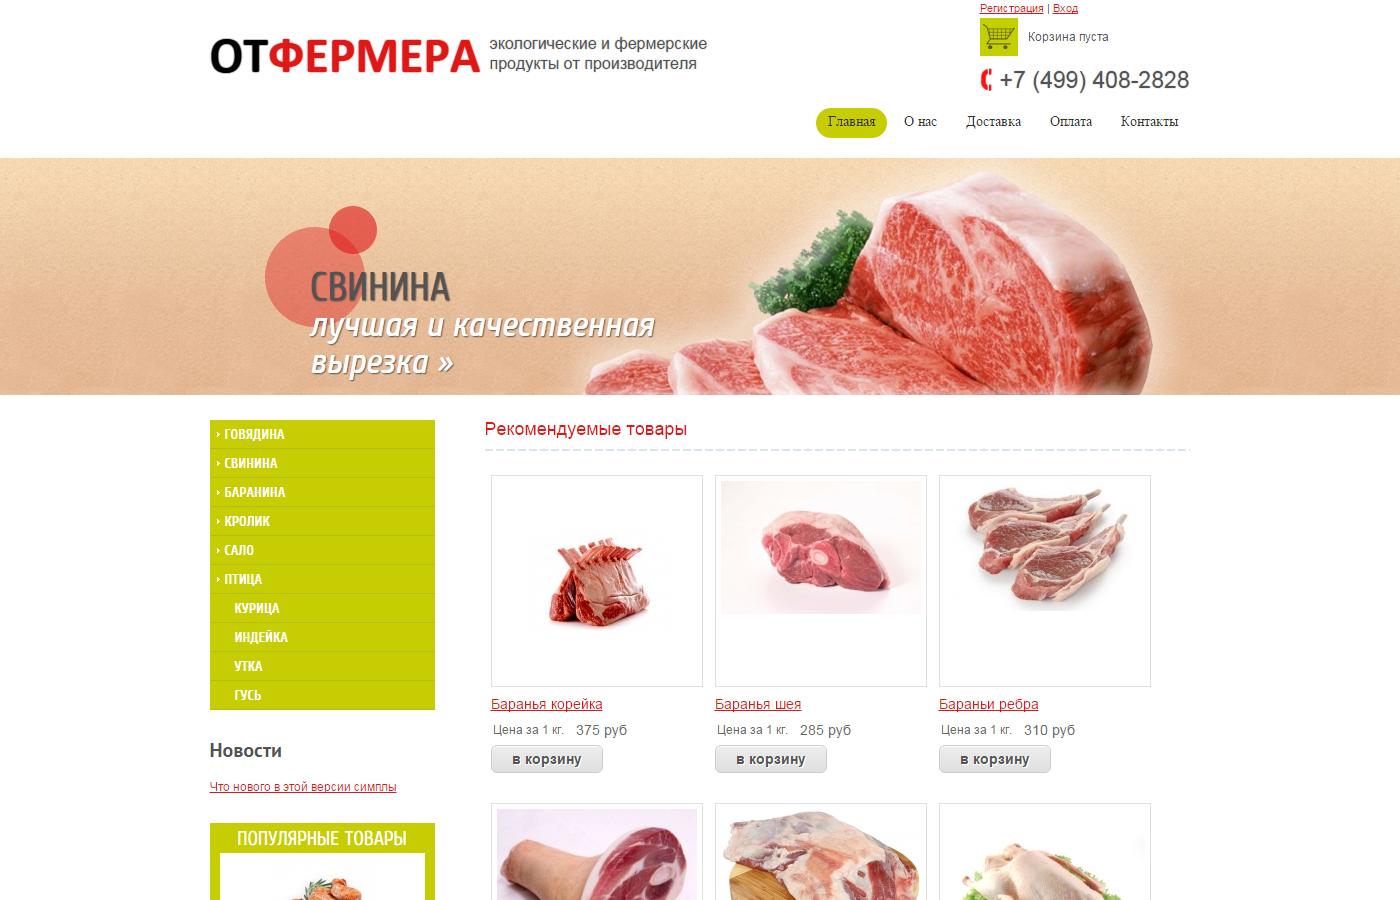 2014 - Шаблон сайта магазина фермерской продукции